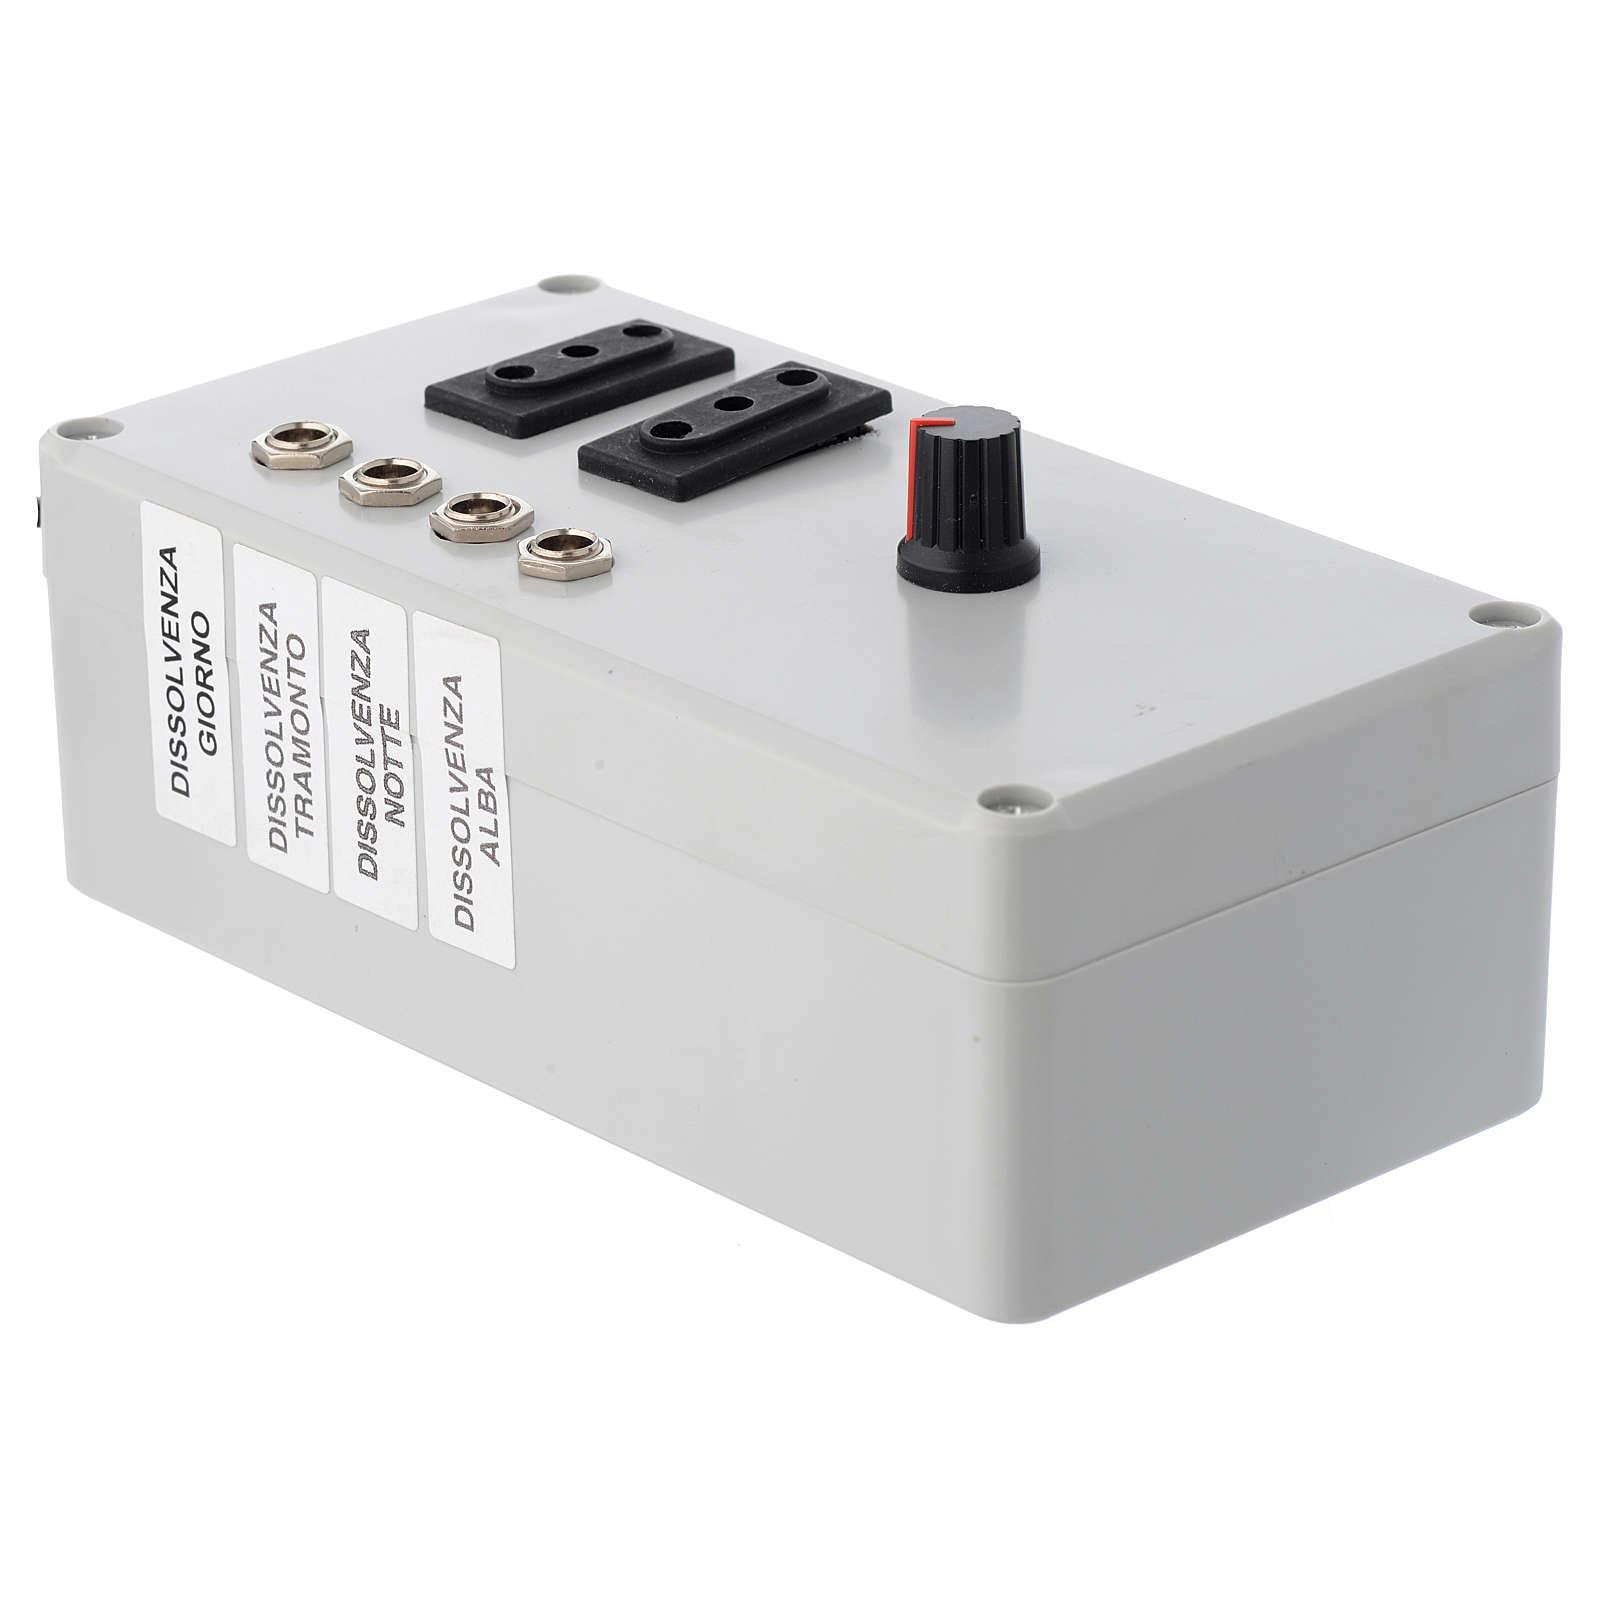 Centralina Mastro LED 4+2 da 24W e presa sincro 220V 4